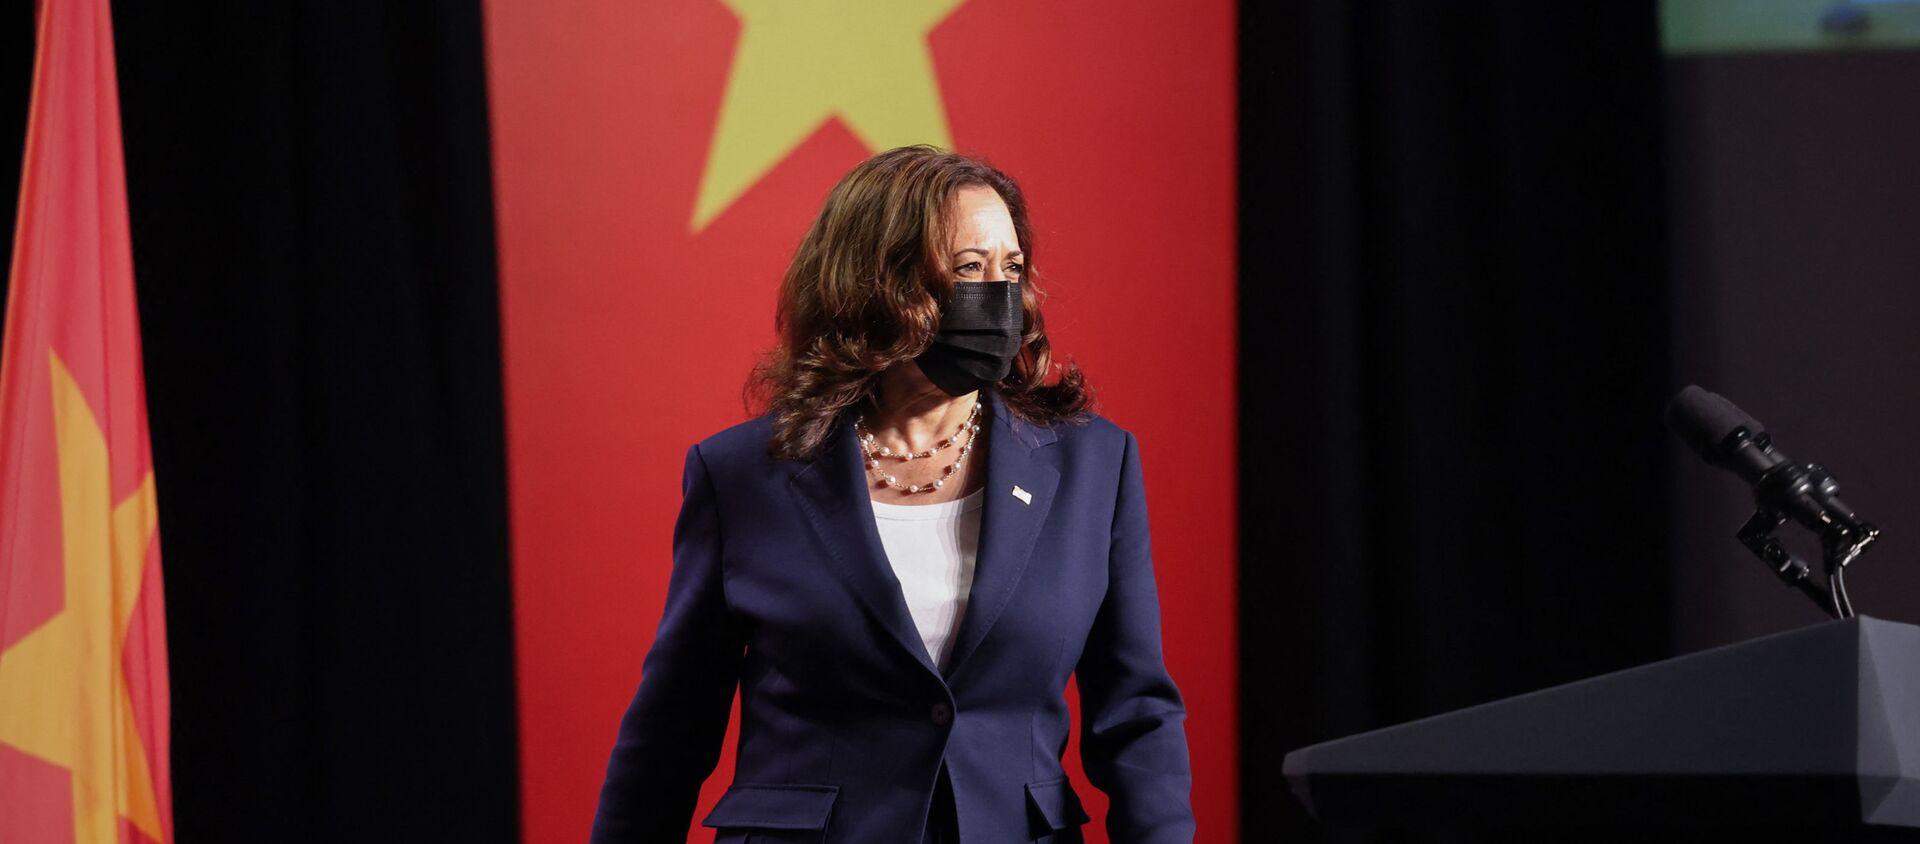 Phó tổng thống Mỹ Kamala Harris. - Sputnik Việt Nam, 1920, 26.08.2021